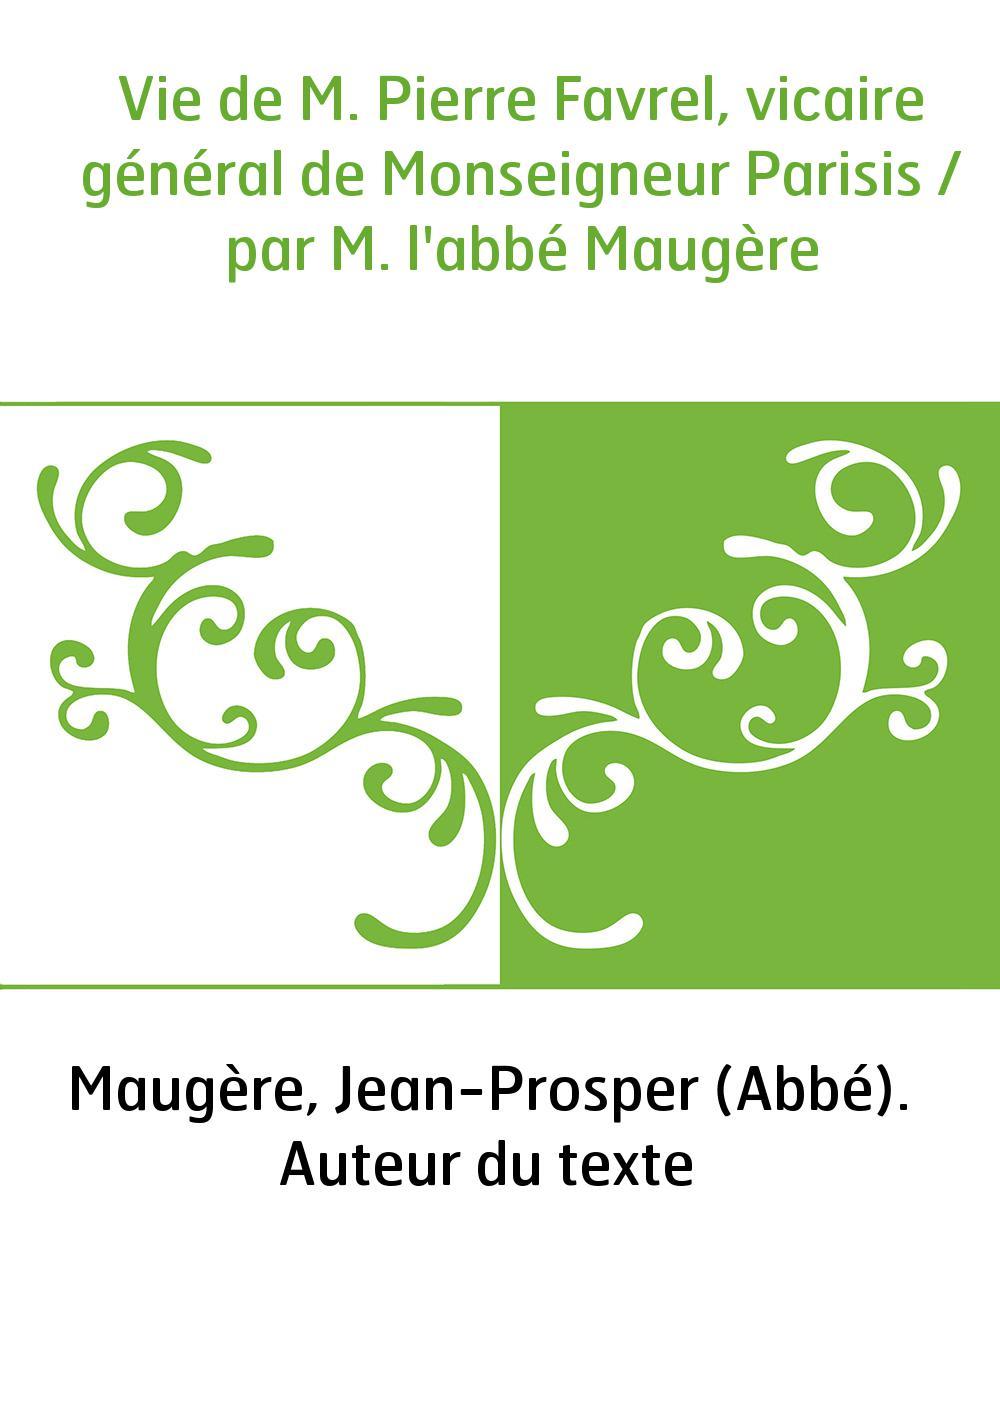 Vie de M. Pierre Favrel, vicaire général de Monseigneur Parisis / par M. l'abbé Maugère